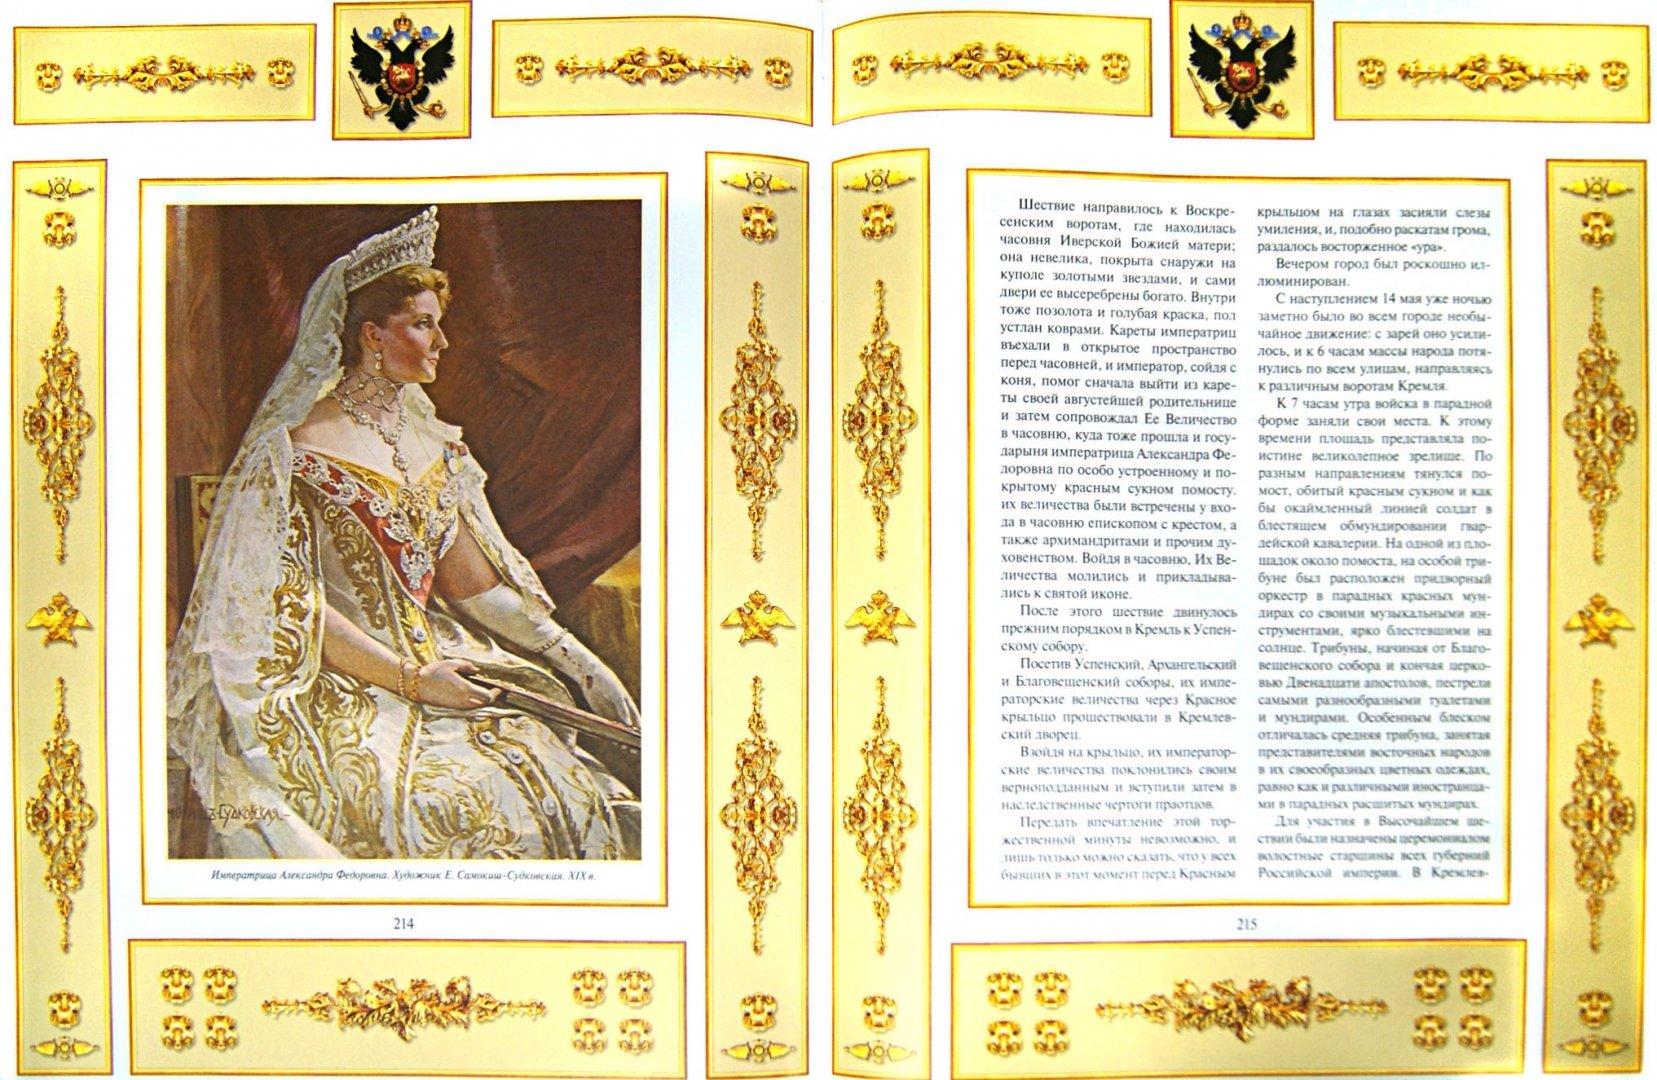 Иллюстрация 1 из 9 для Россия державная - Владимир Бутромеев | Лабиринт - книги. Источник: Лабиринт